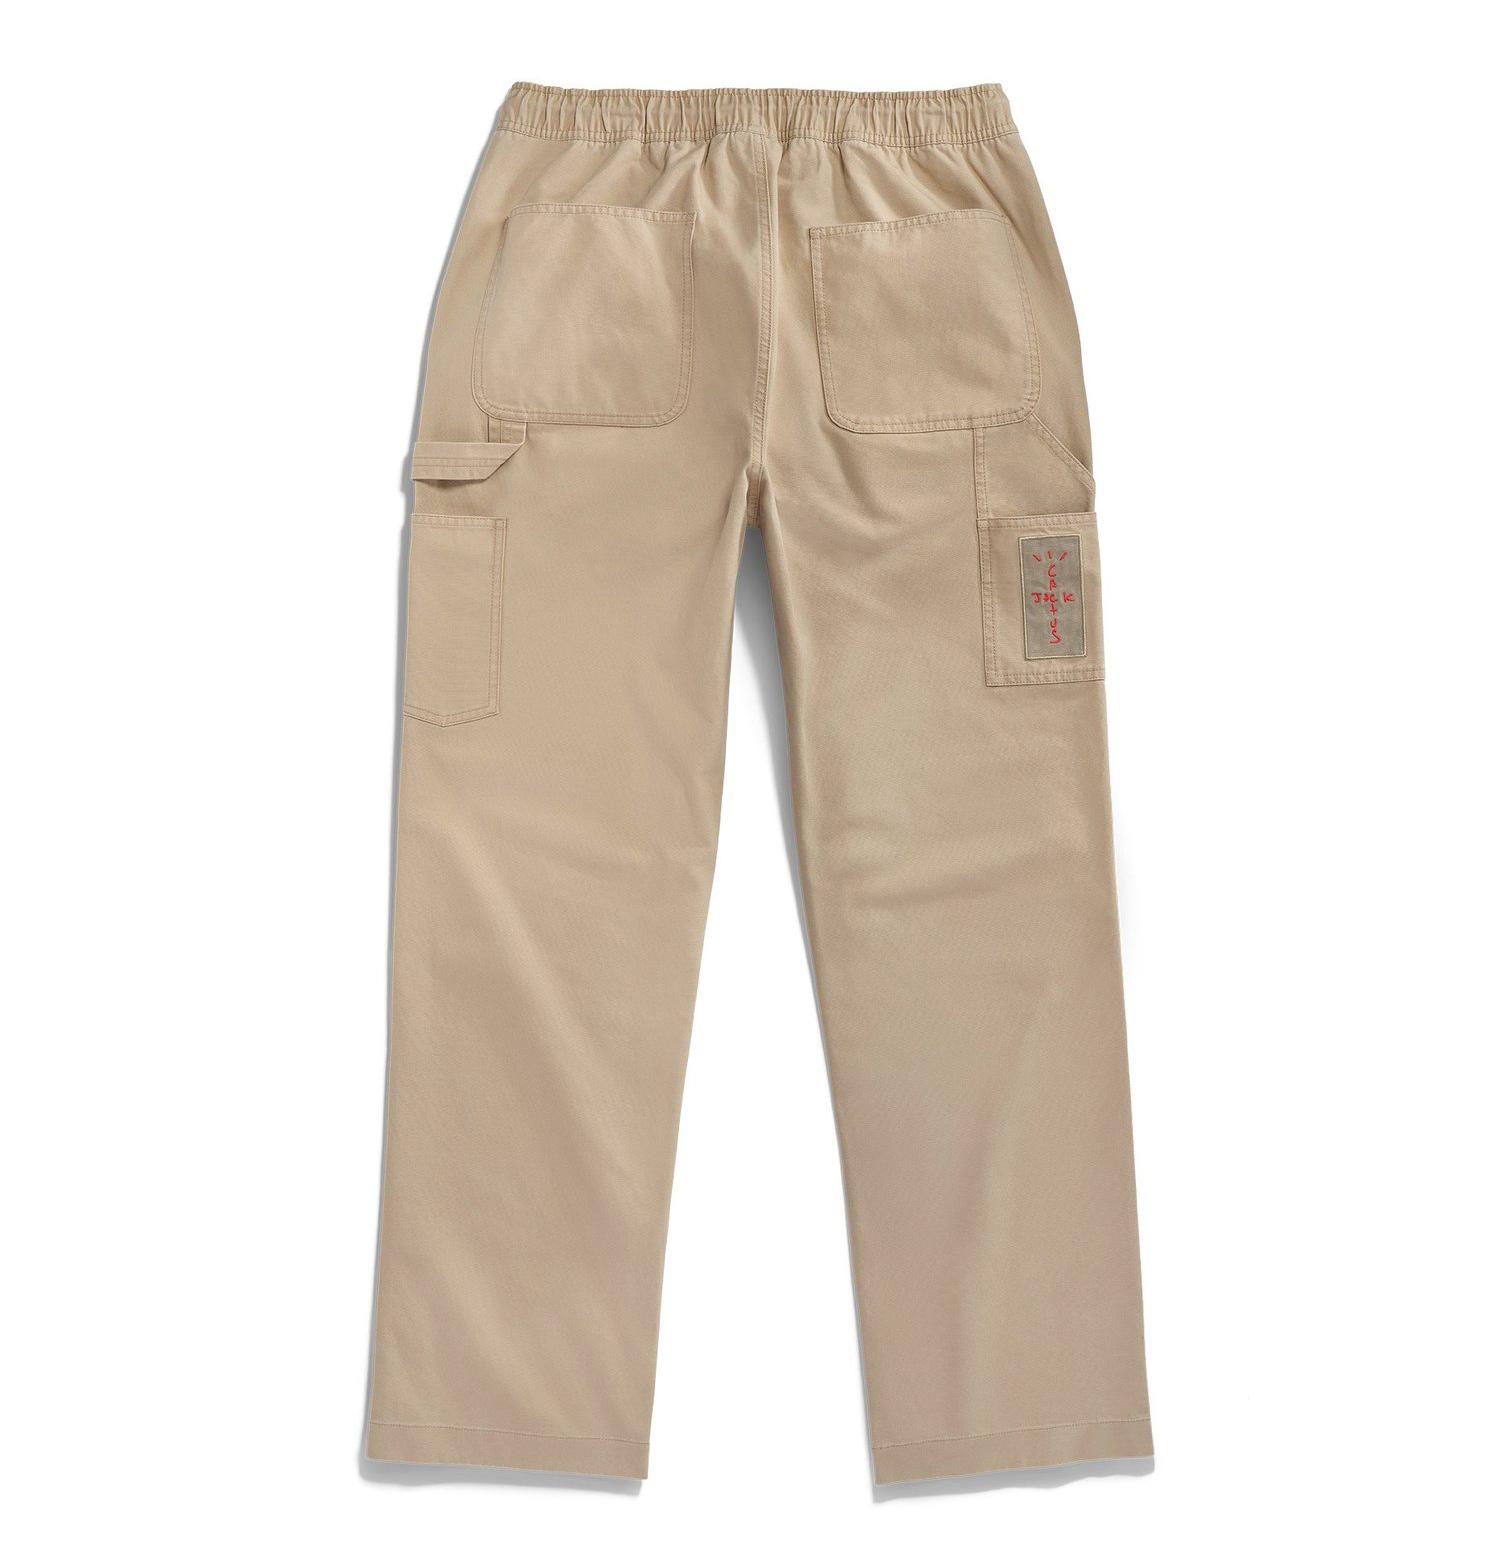 travis-scott-air-jordan-6-british-khaki-pants-2